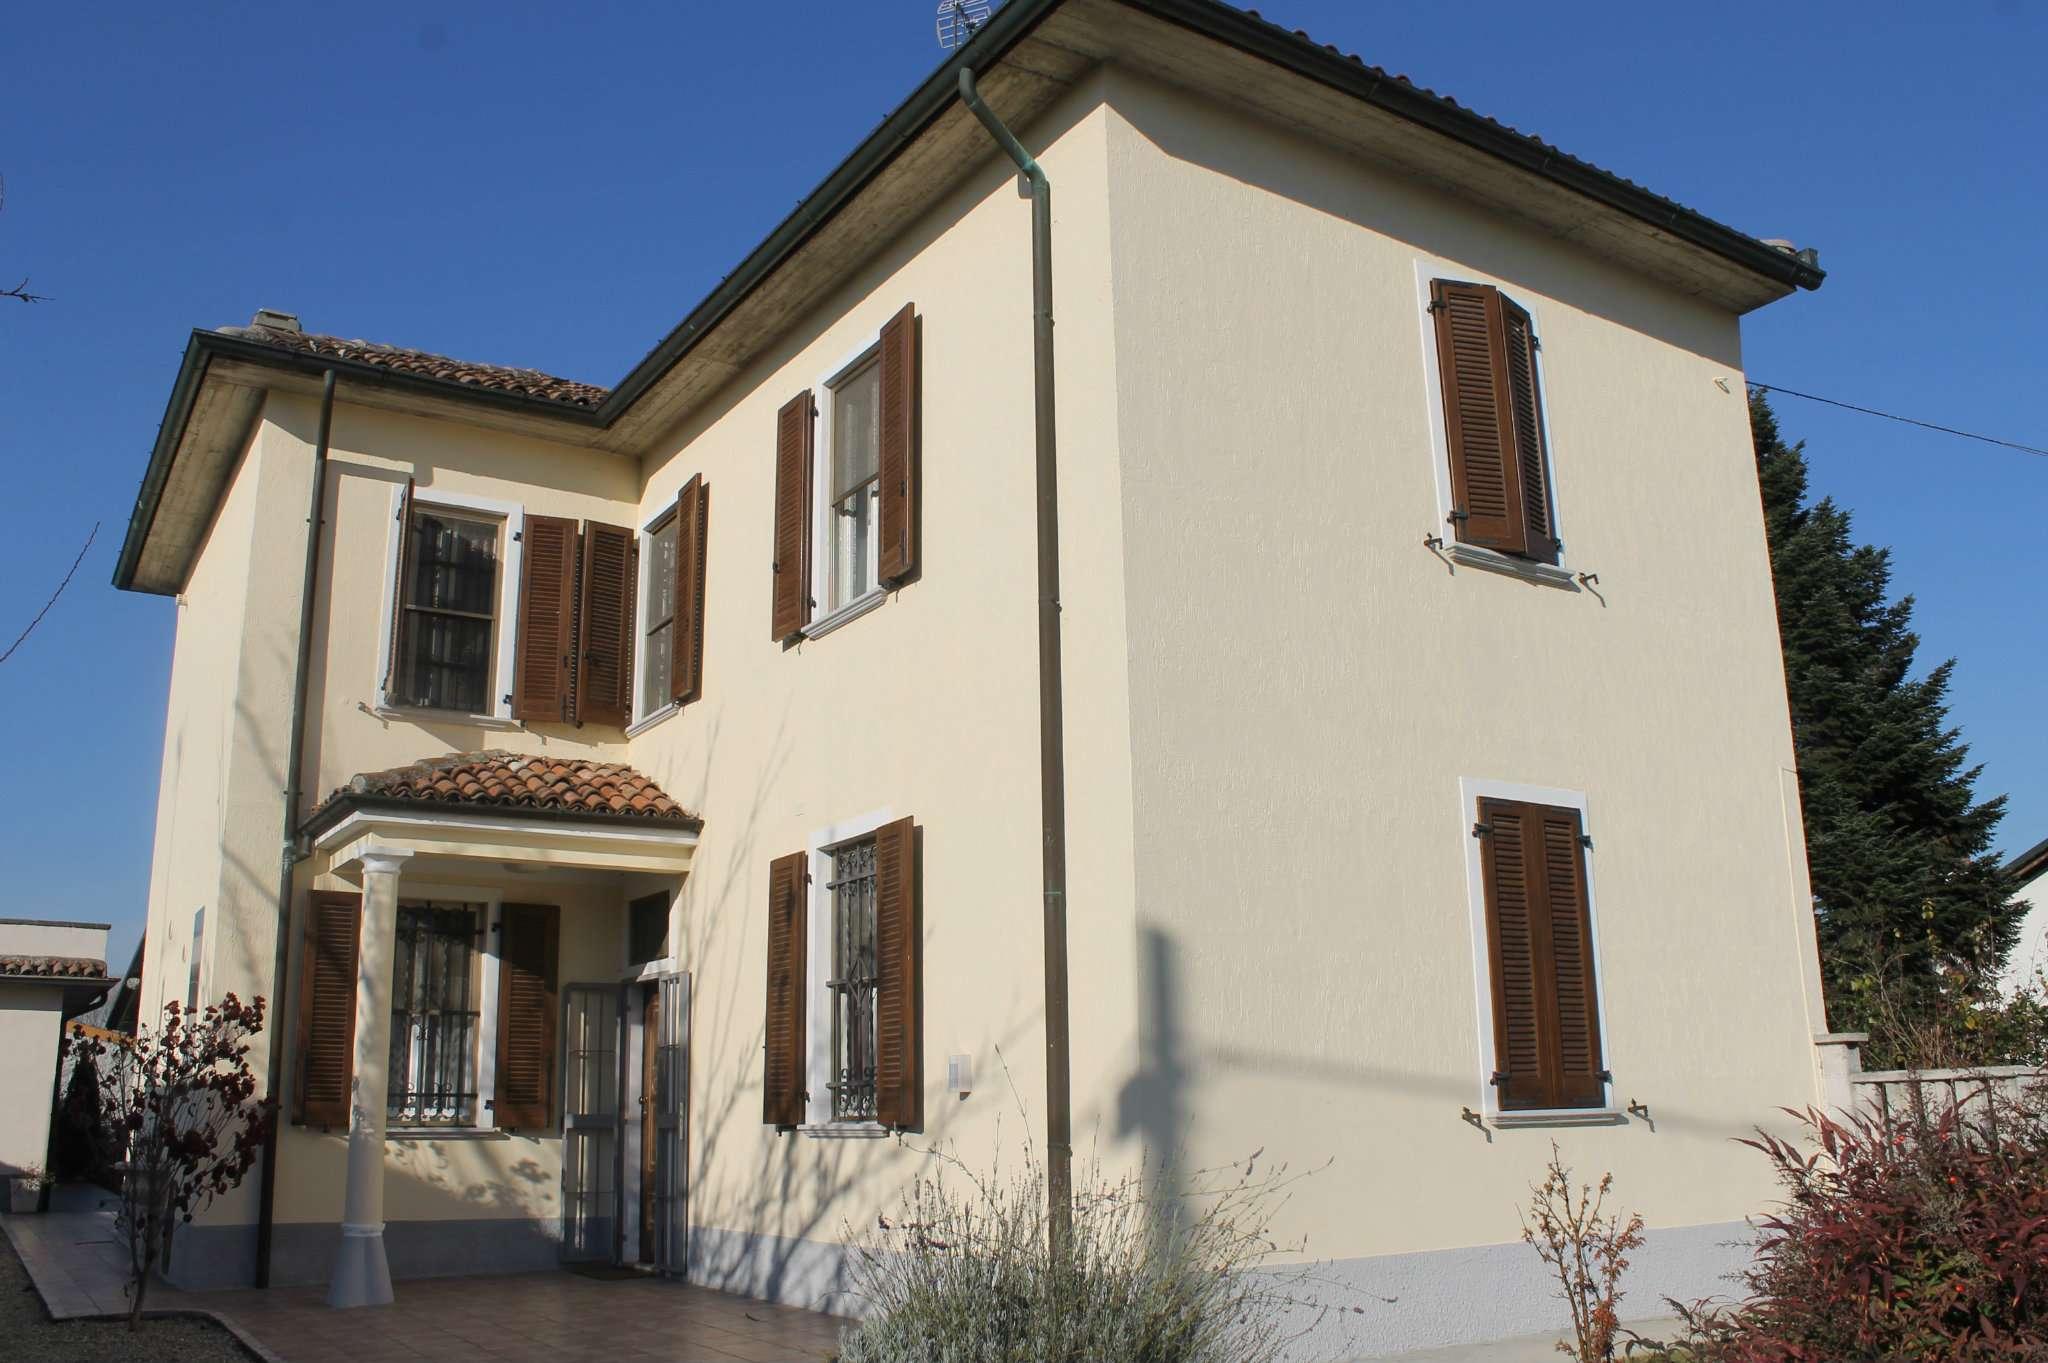 Villa in vendita a Dorno, 5 locali, prezzo € 195.000 | CambioCasa.it